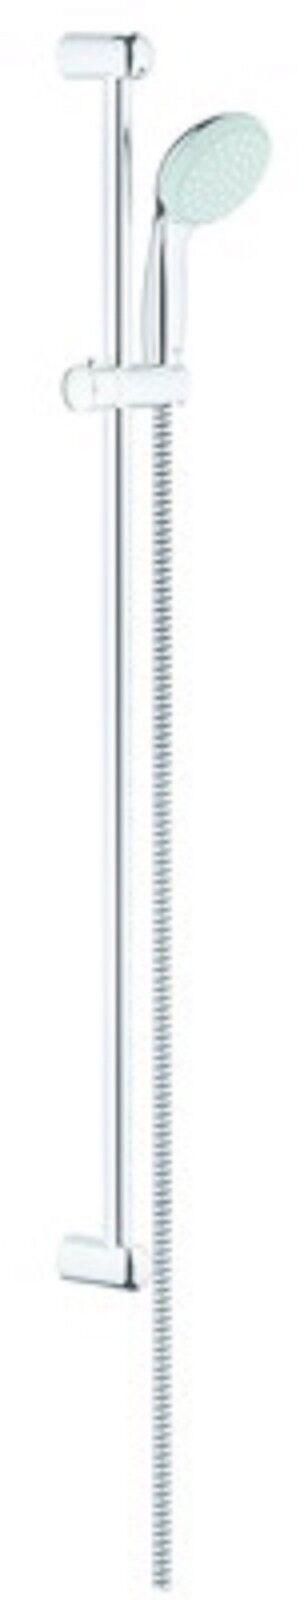 Brausegarnitur Tempesta 60cm m.Handbrause 2-str.verchromt Grohe